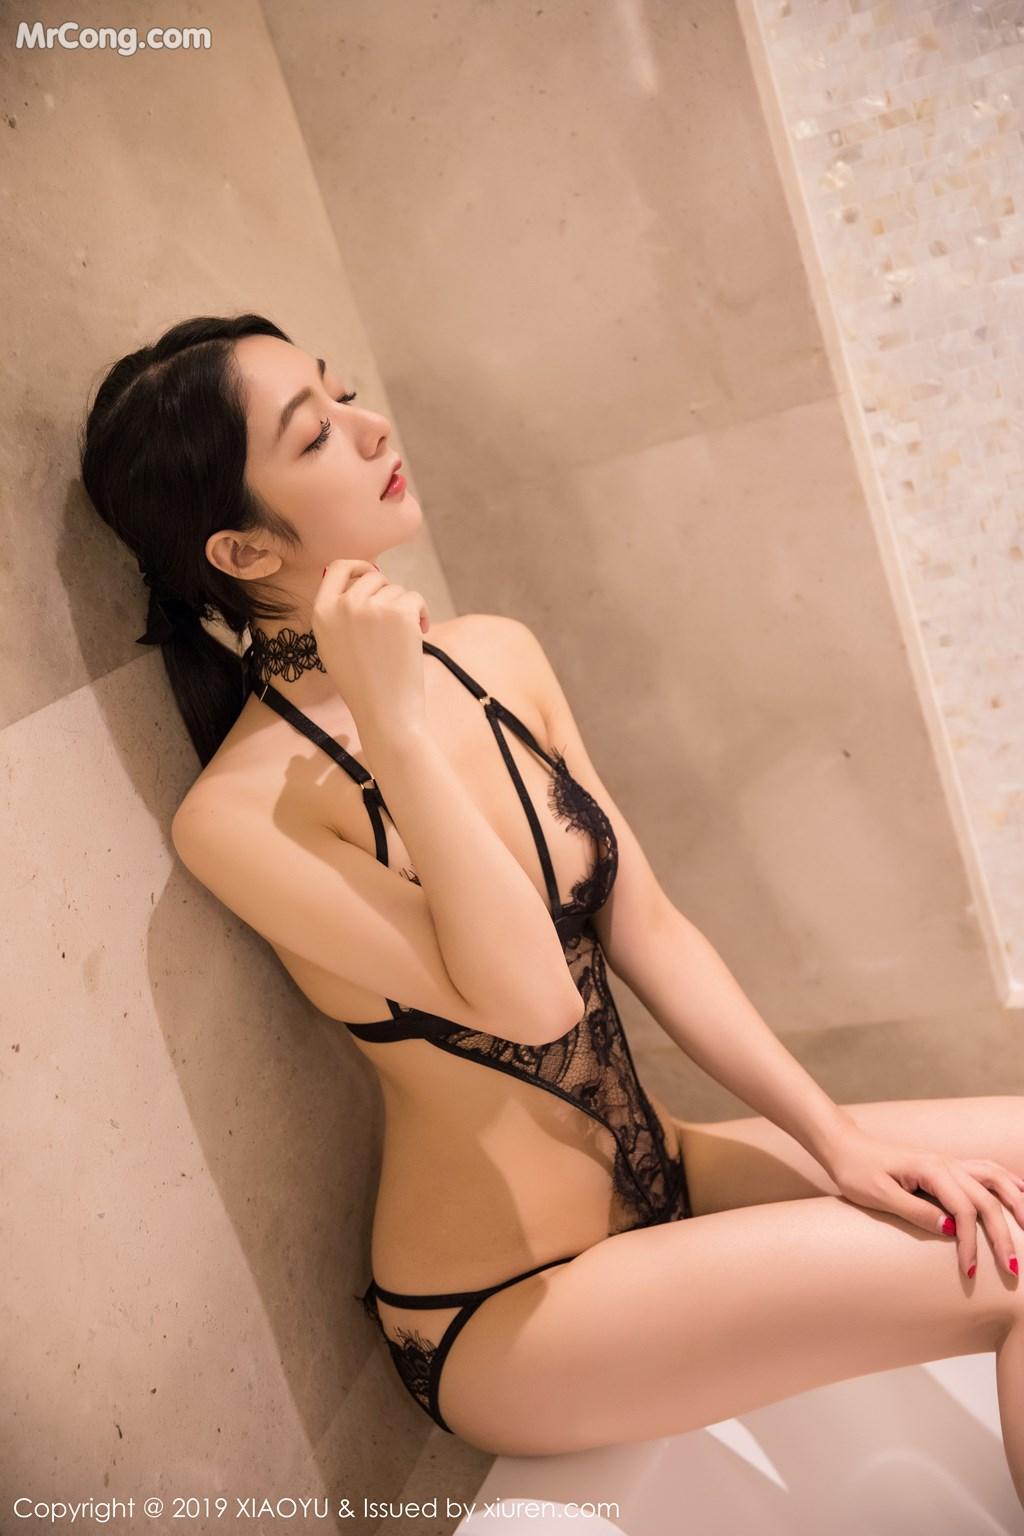 Image XiaoYu-Vol.041-Xiao-Reba-Angela-MrCong.com-040 in post XiaoYu Vol.041: Xiao Reba (Angela喜欢猫) (43 ảnh)